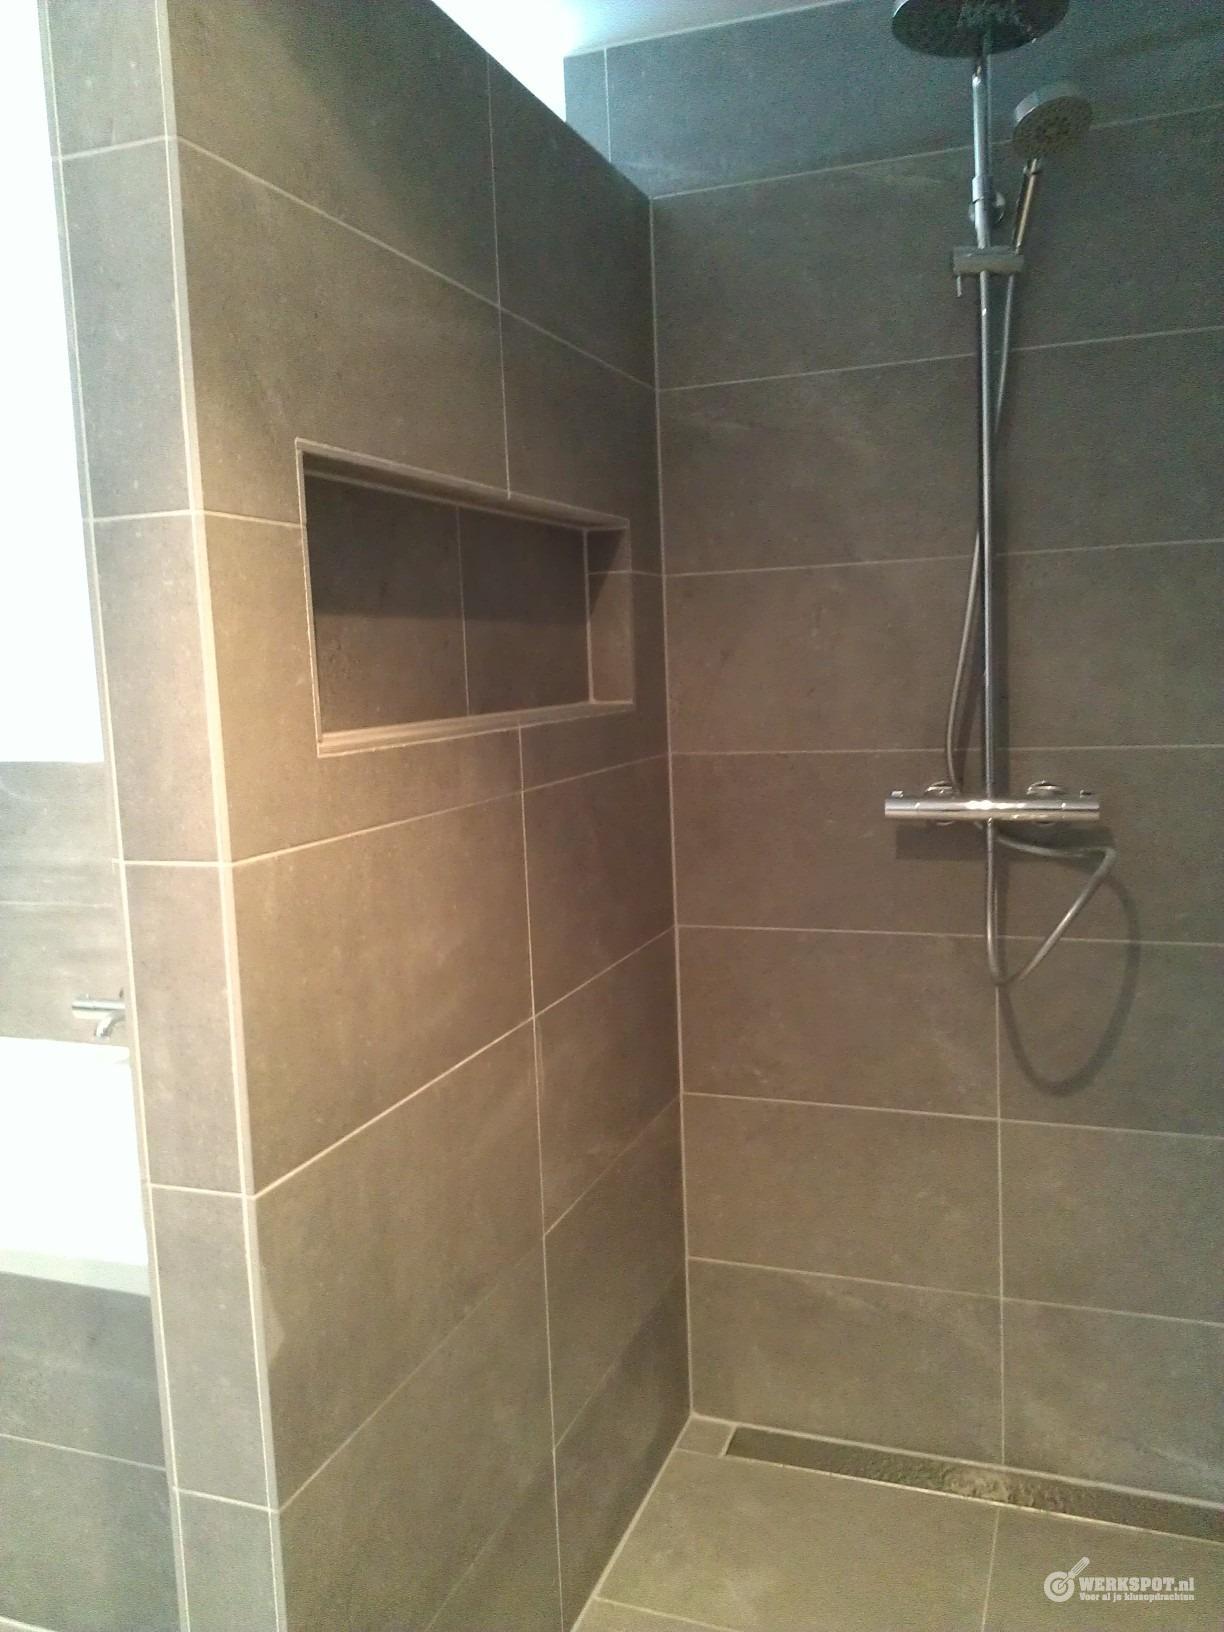 Renovatie badkamer,keuken en toilet in Eindhoven - Werkspot